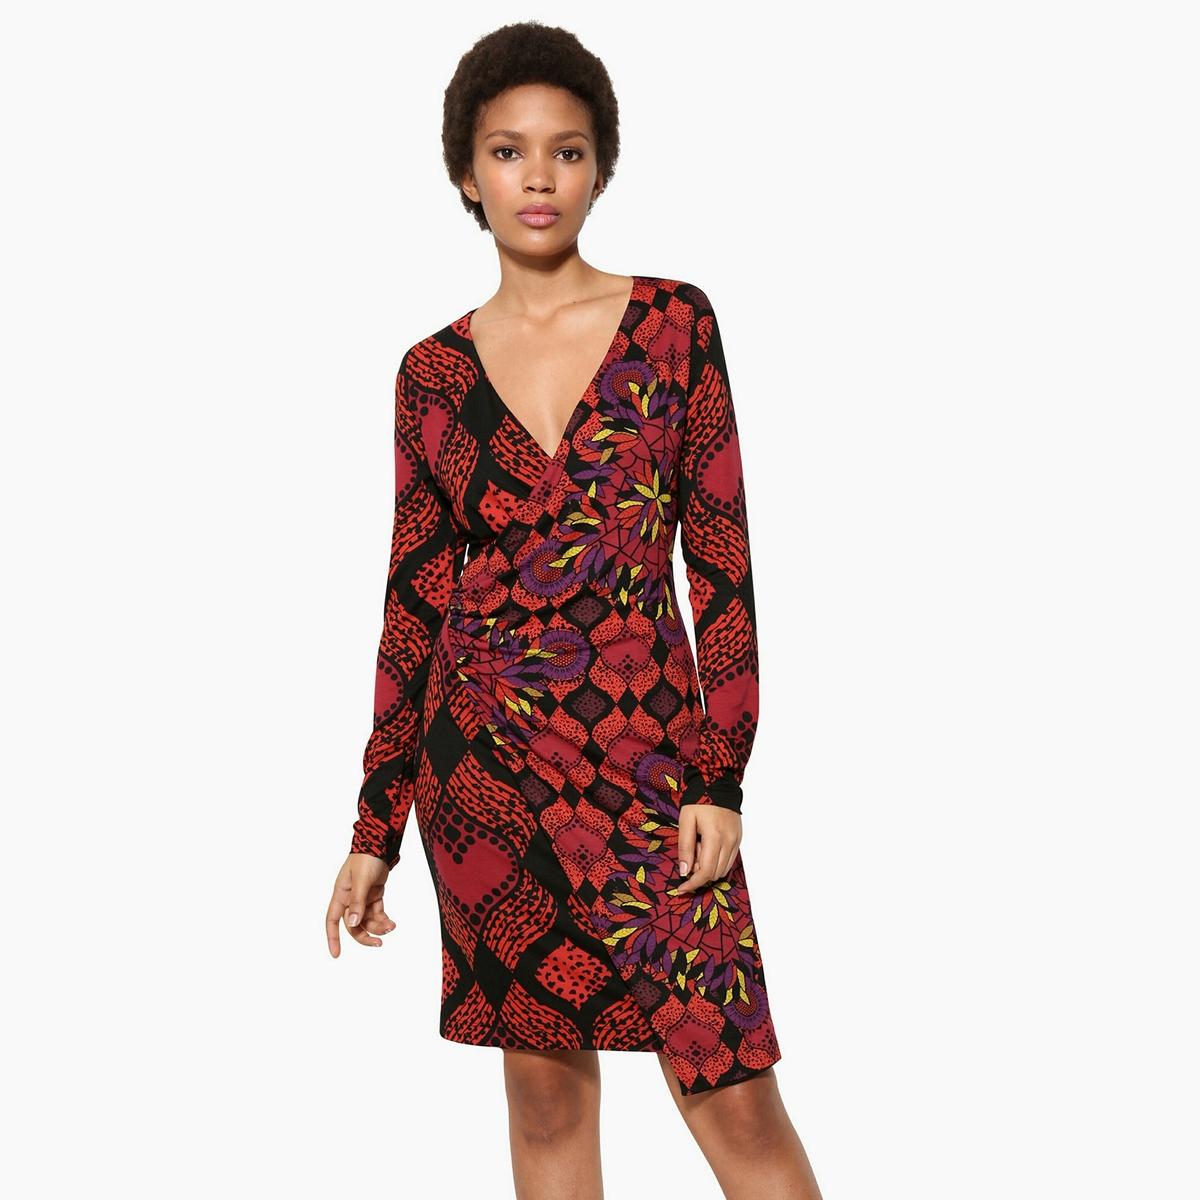 Платье короткое прямое, с цветочным принтом, с длинными рукавамиДетали •  Форма : прямая •  Укороченная модель •  Длинные рукава    •  Круглый вырез •  Цветочный рисунок  Состав и уход •  95% вискозы, 5% эластана •  Следуйте рекомендациям по уходу, указанным на этикетке изделия<br><br>Цвет: красный<br>Размер: M.XL